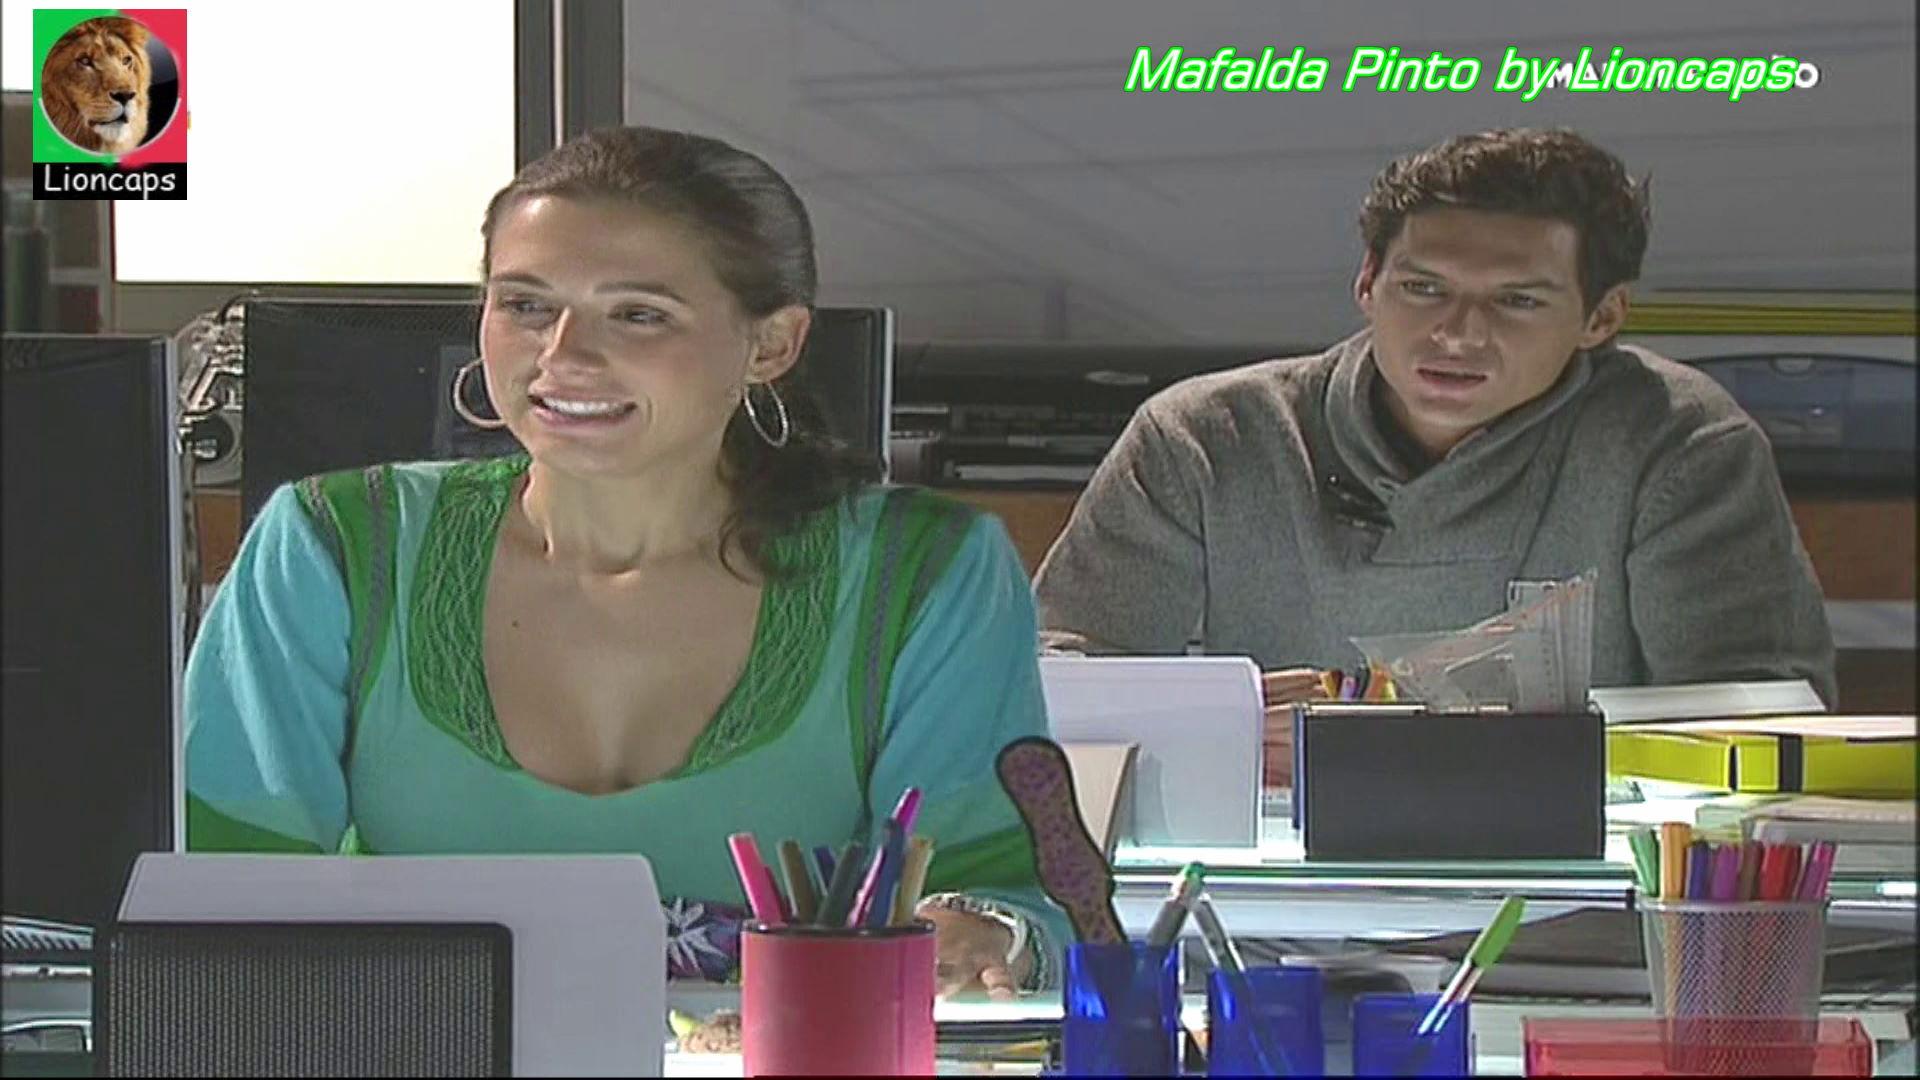 275696723_mafalda_pinto_vs170924_0581_122_226lo.JPG